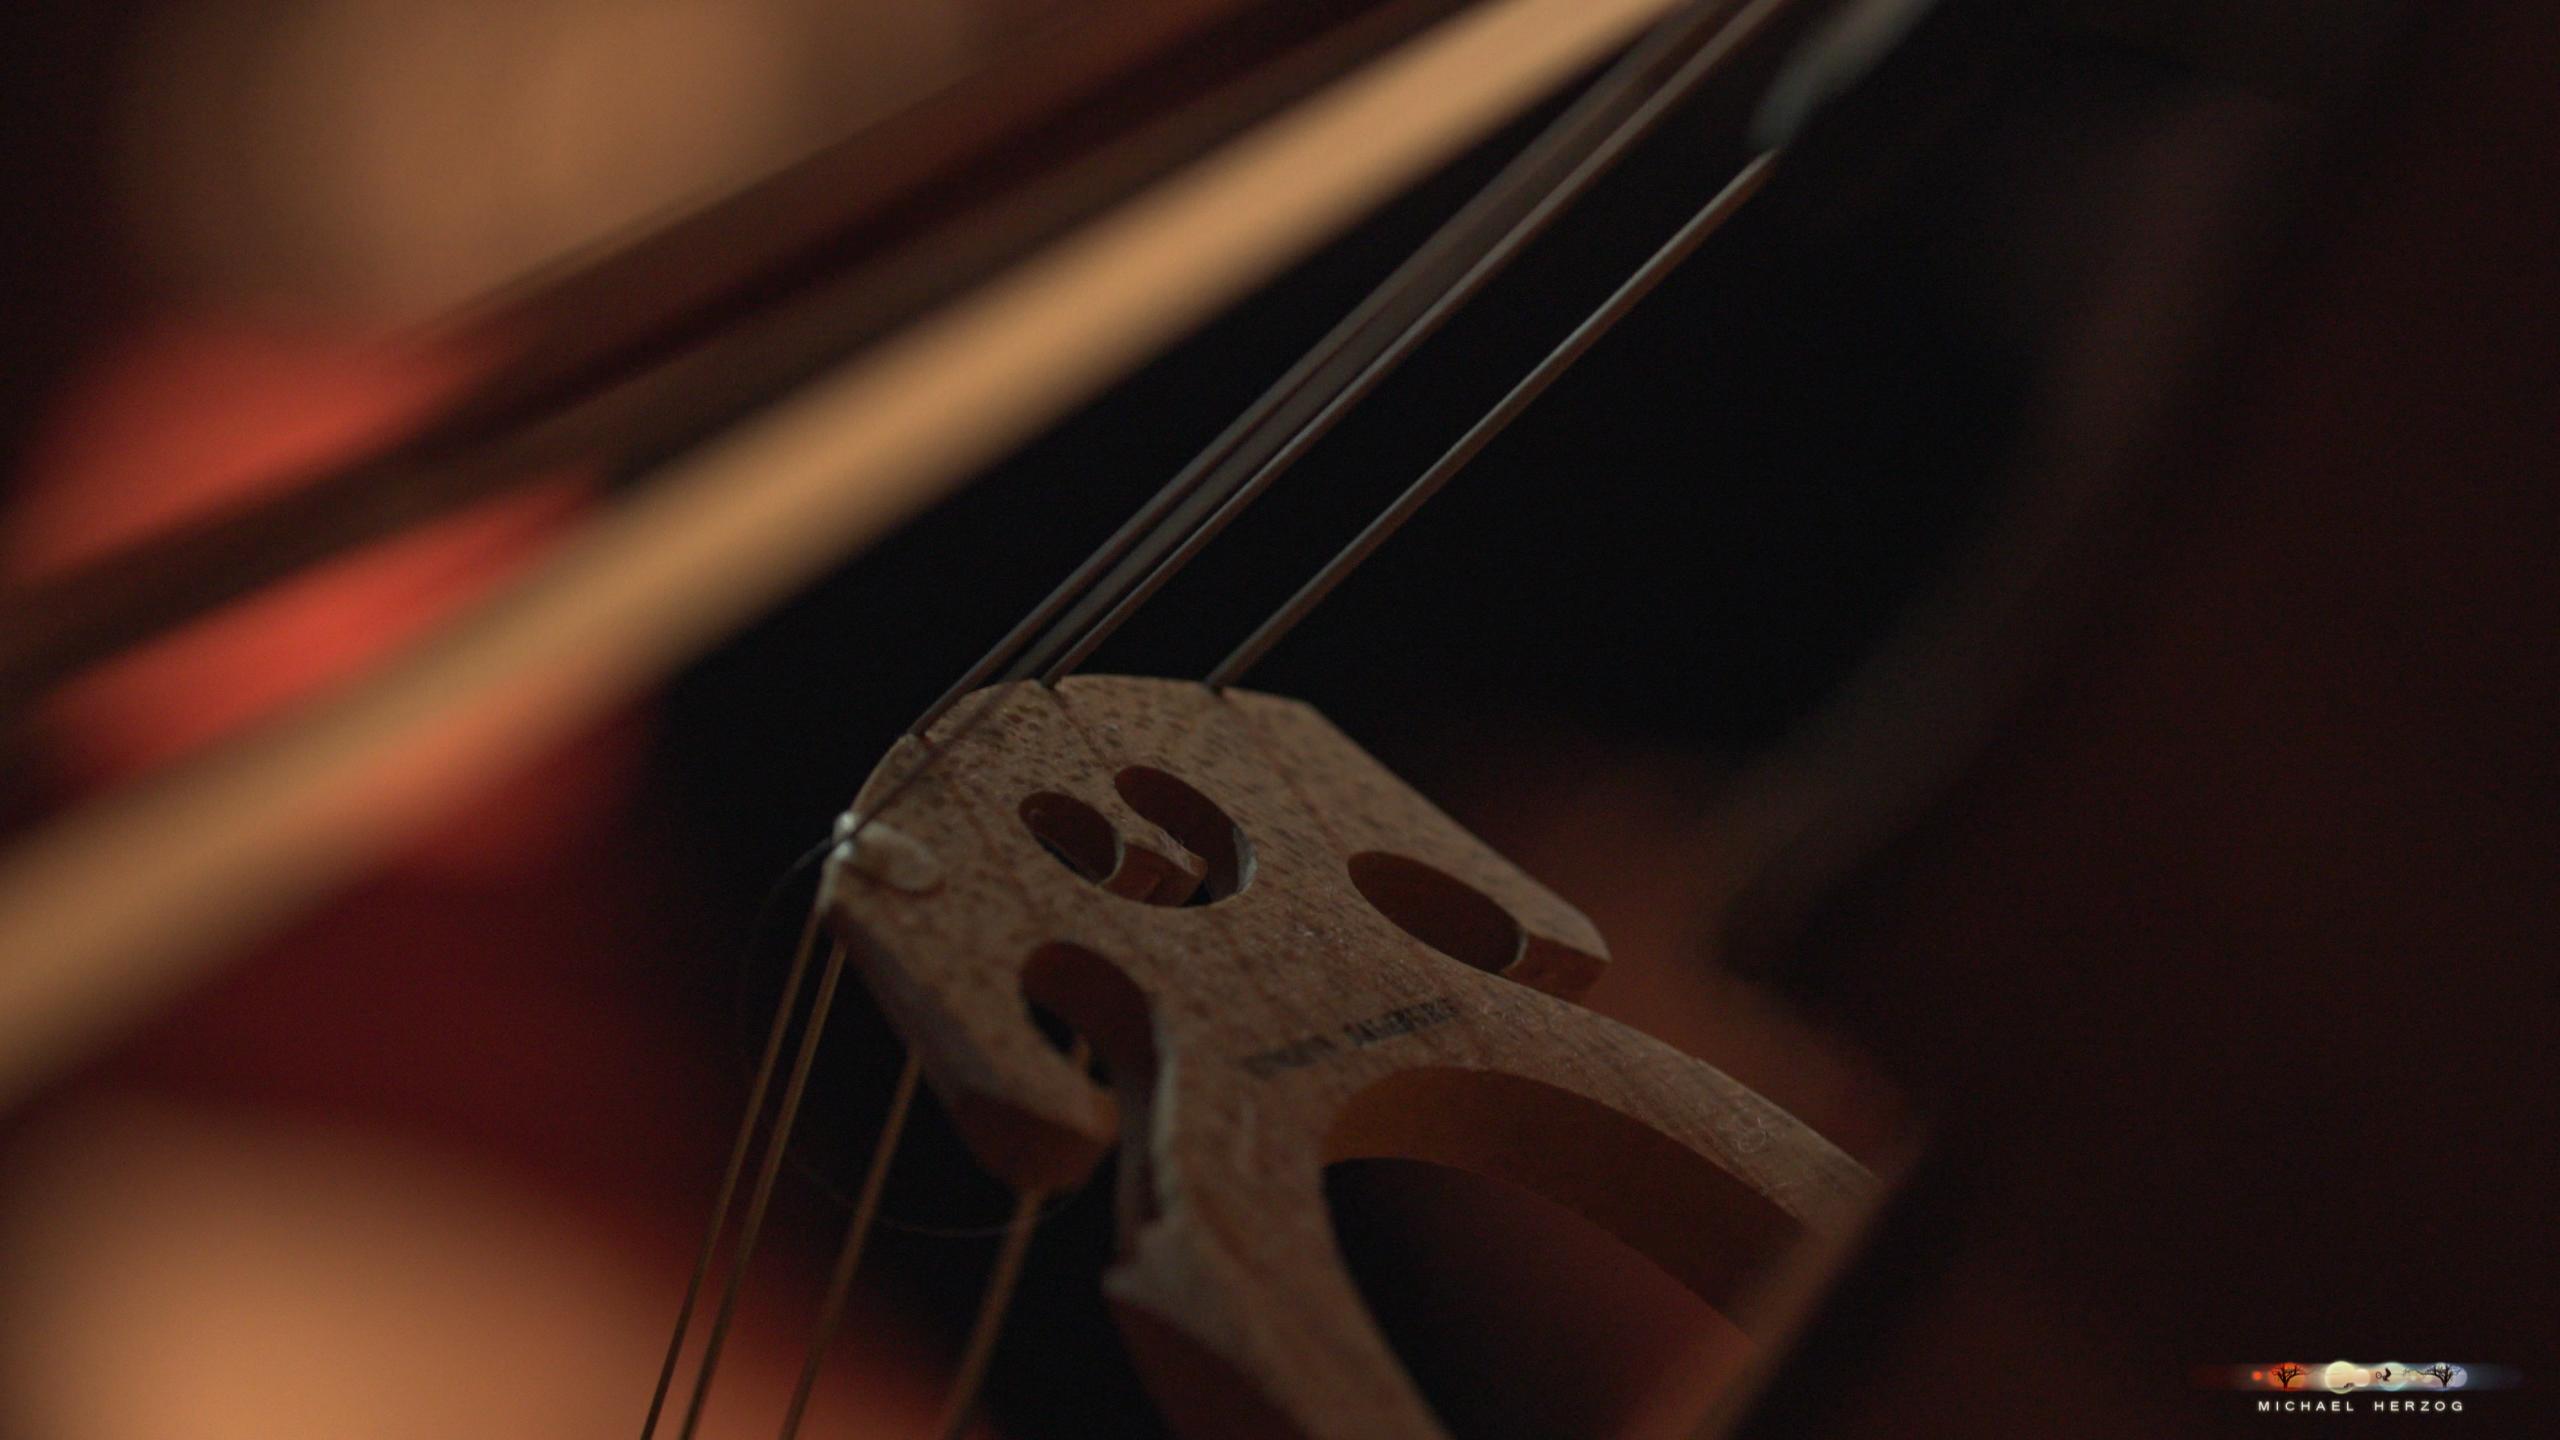 ArnsdorferSternstunden_Chorprobe-mit-PhilharmonieSalzburg_Screenshot_MichaelHerzog-08-2.jpg